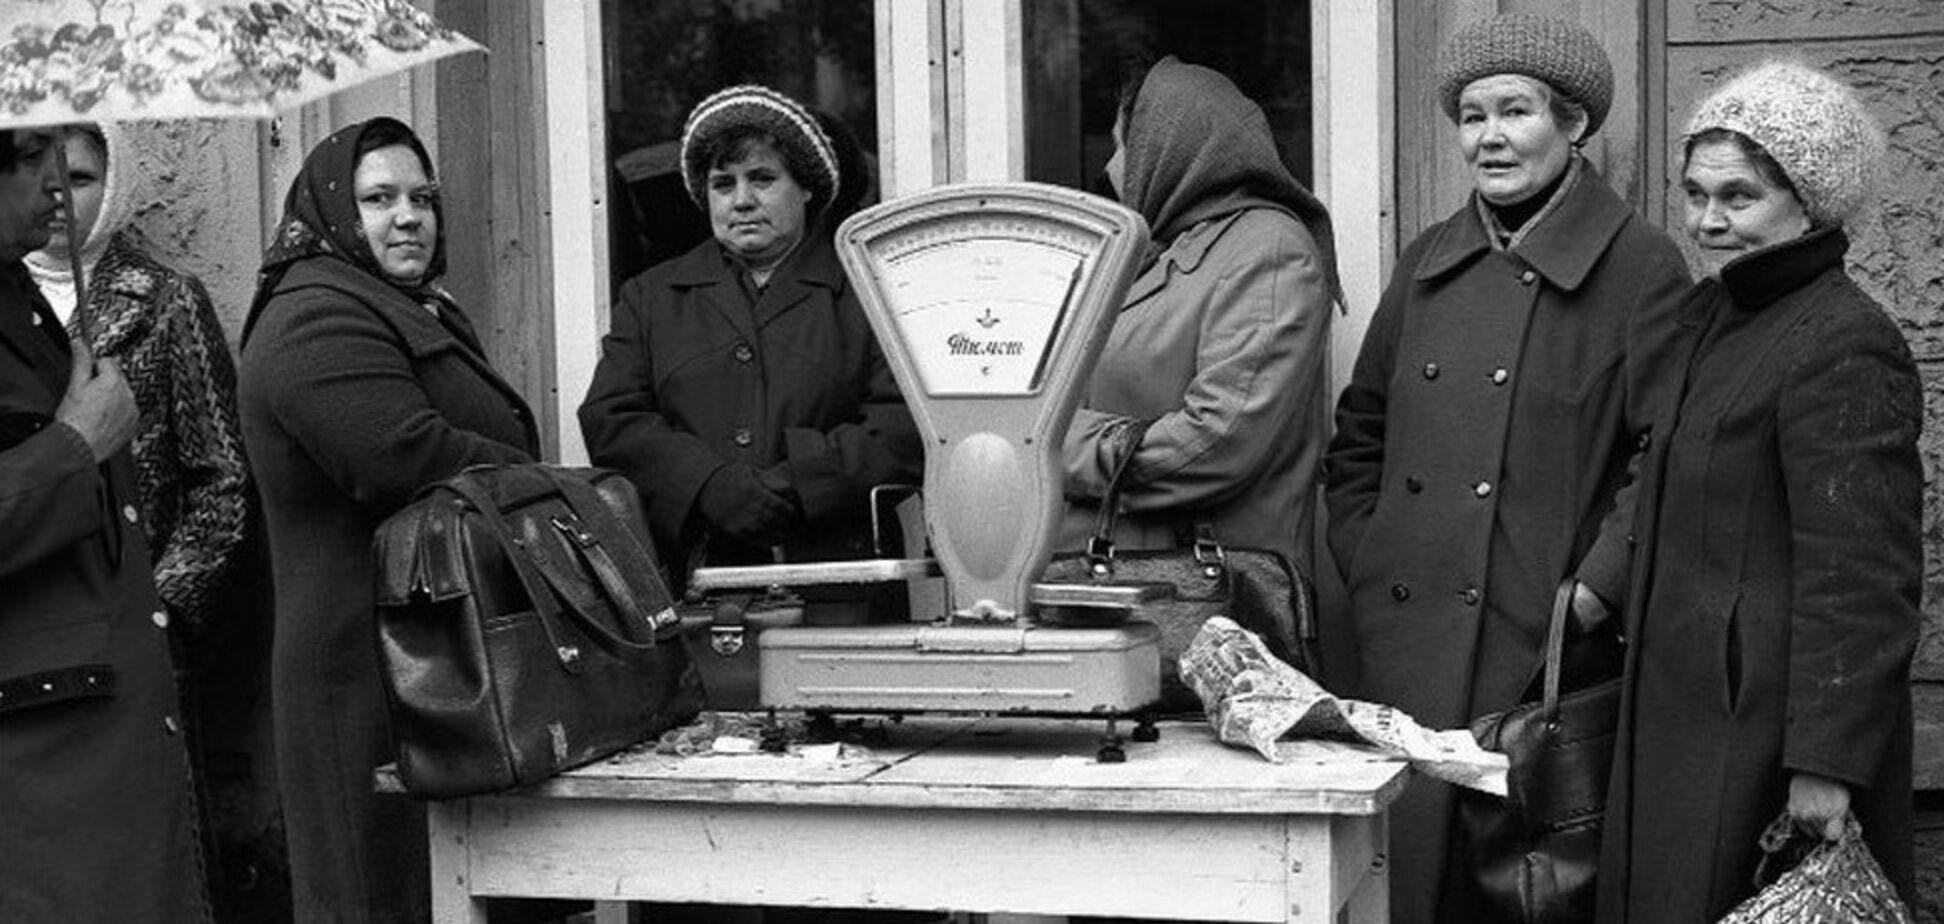 Магазини в Радянському Союзі